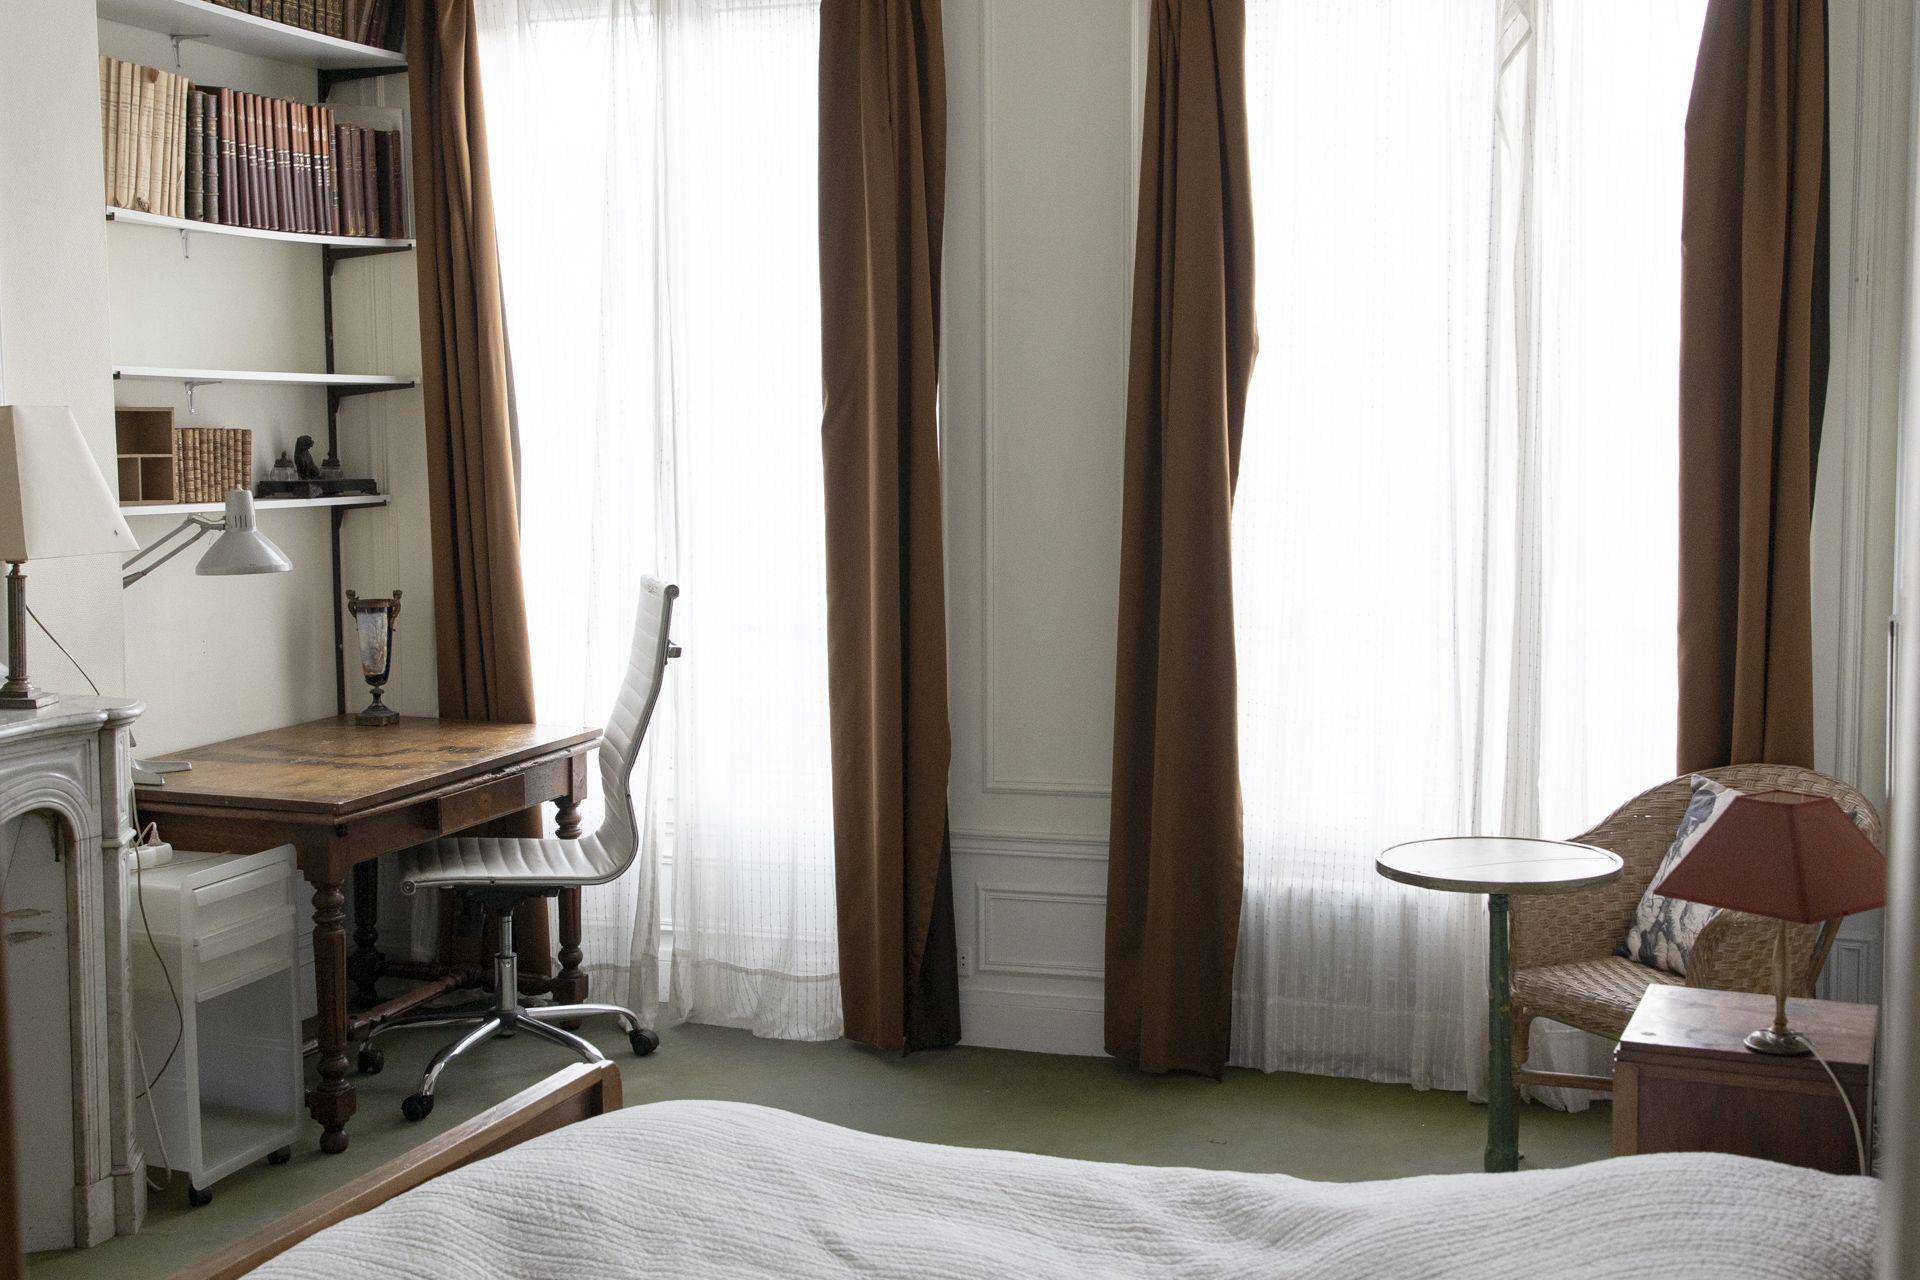 Chambre louer chez l 39 habitant paris 10 me arrondissement 75 colocation 40 - Chambre a louer com paris ...